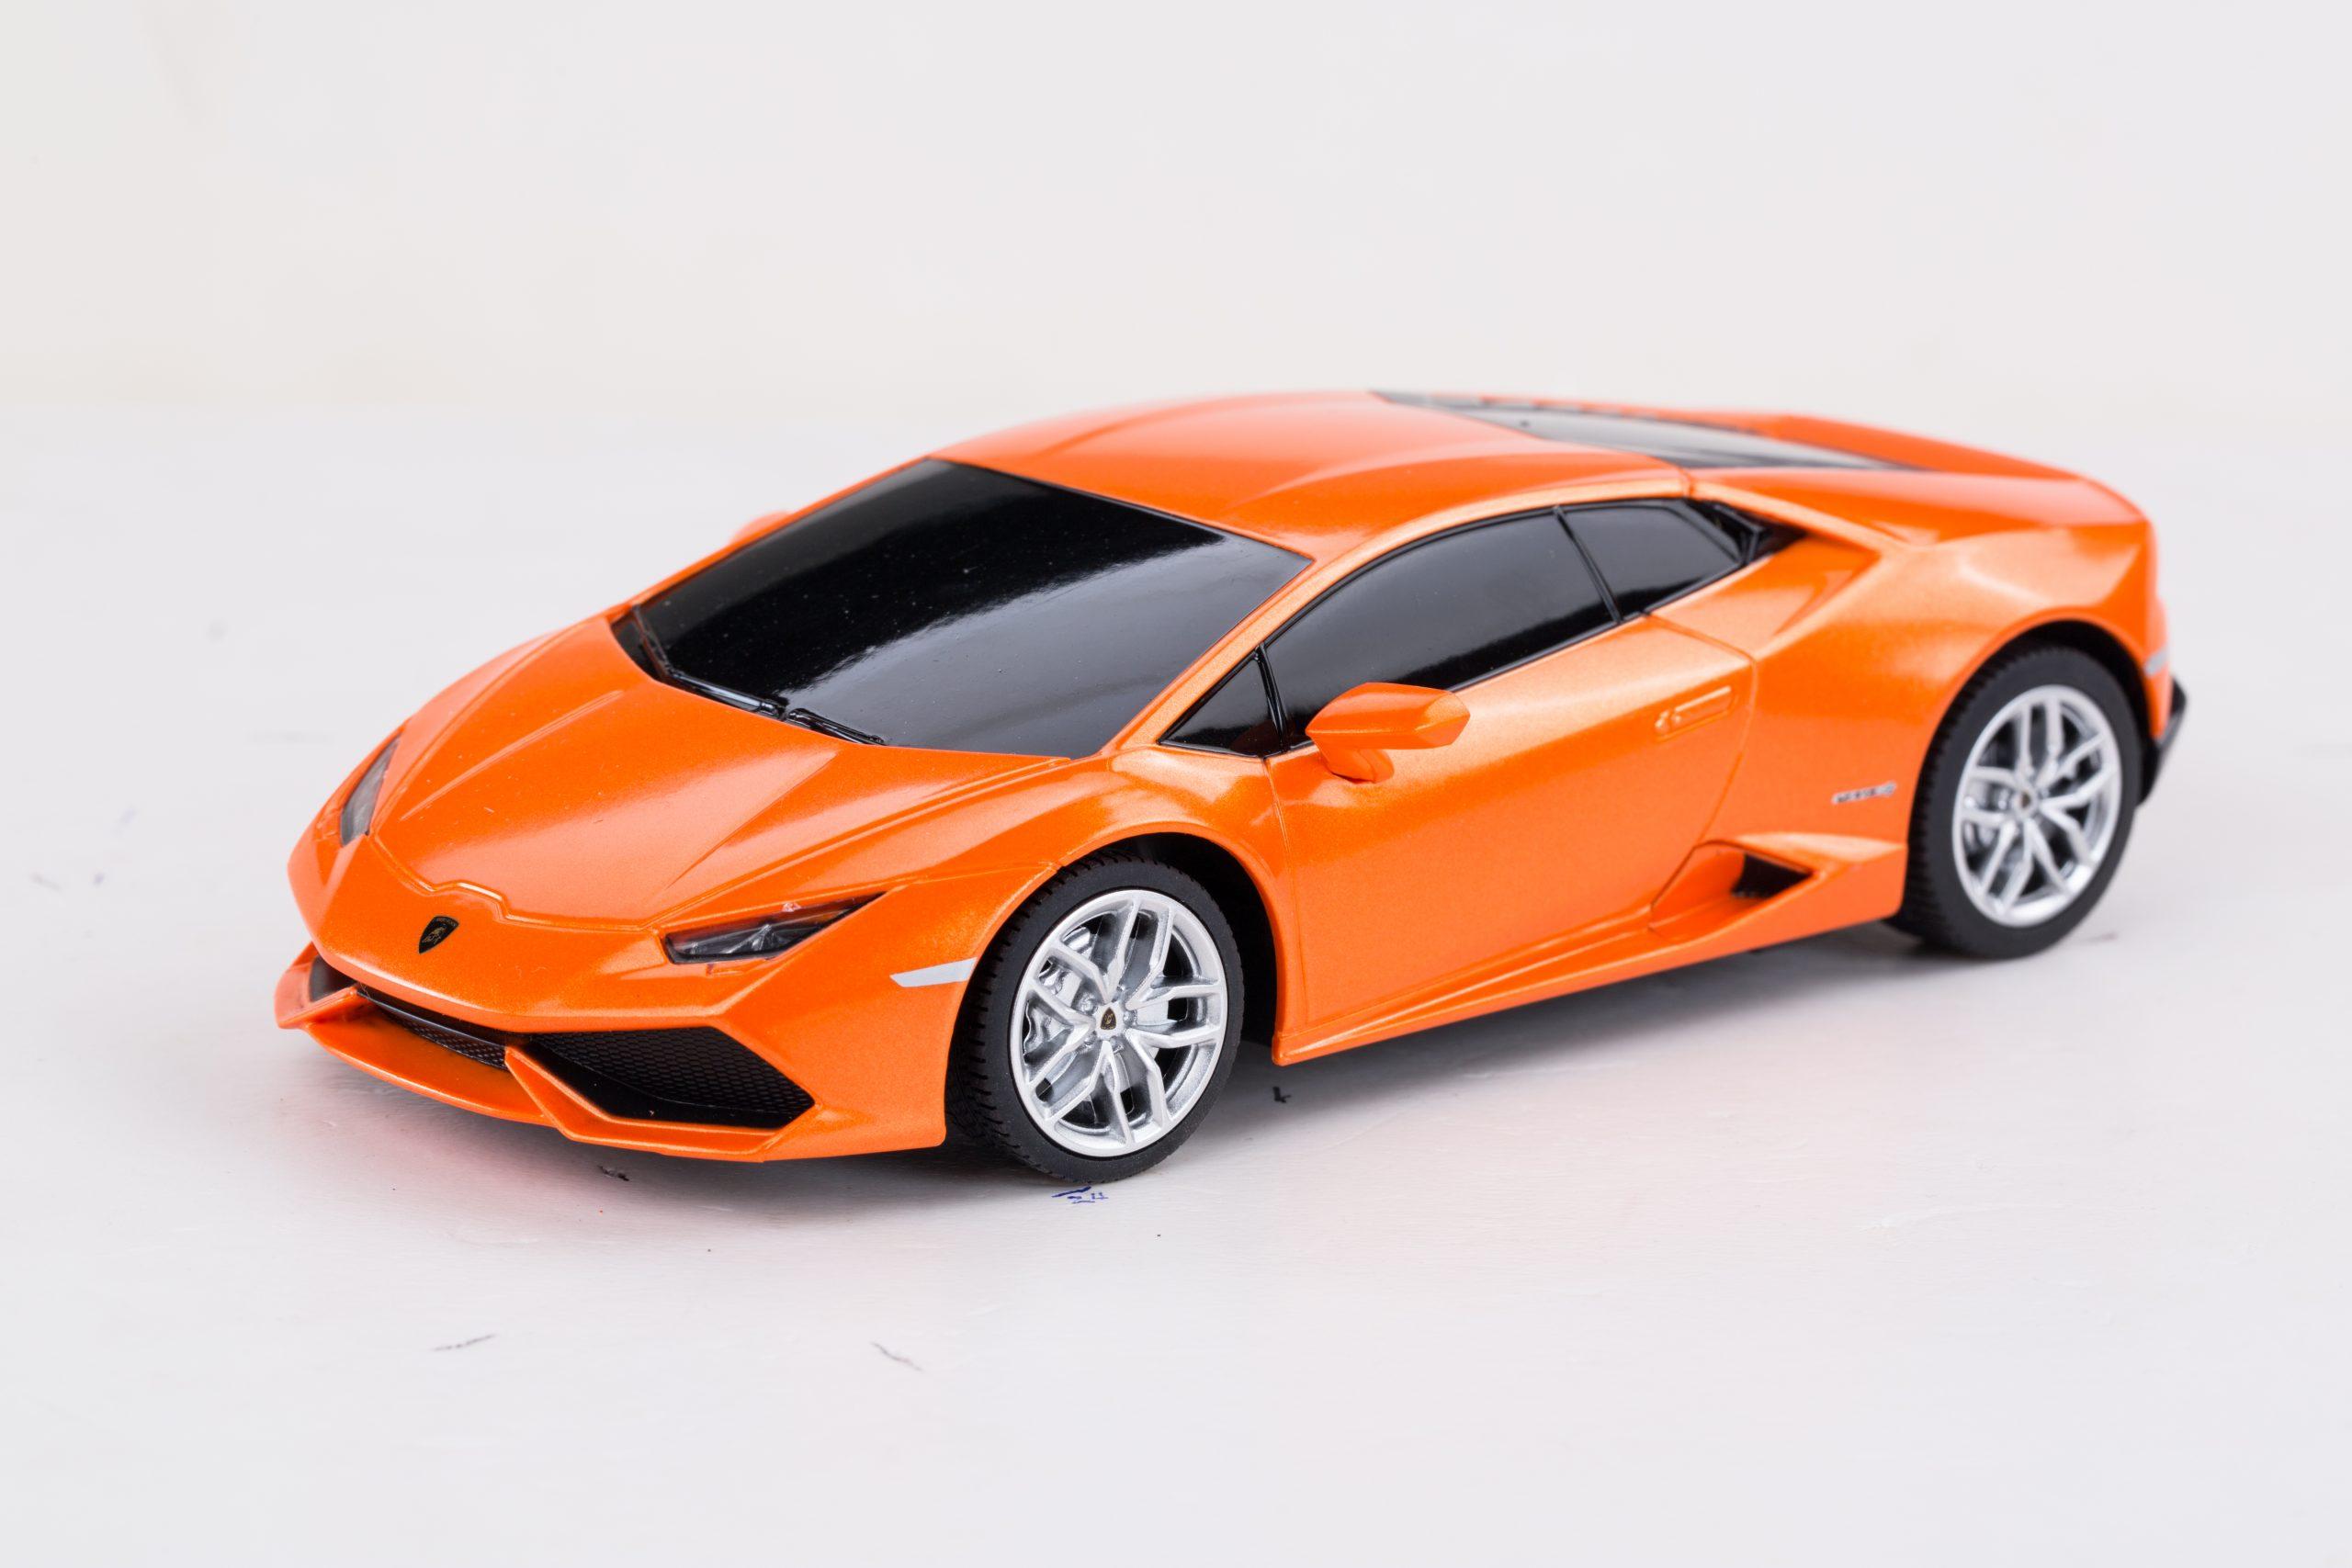 Lamborghini r/c 1:24